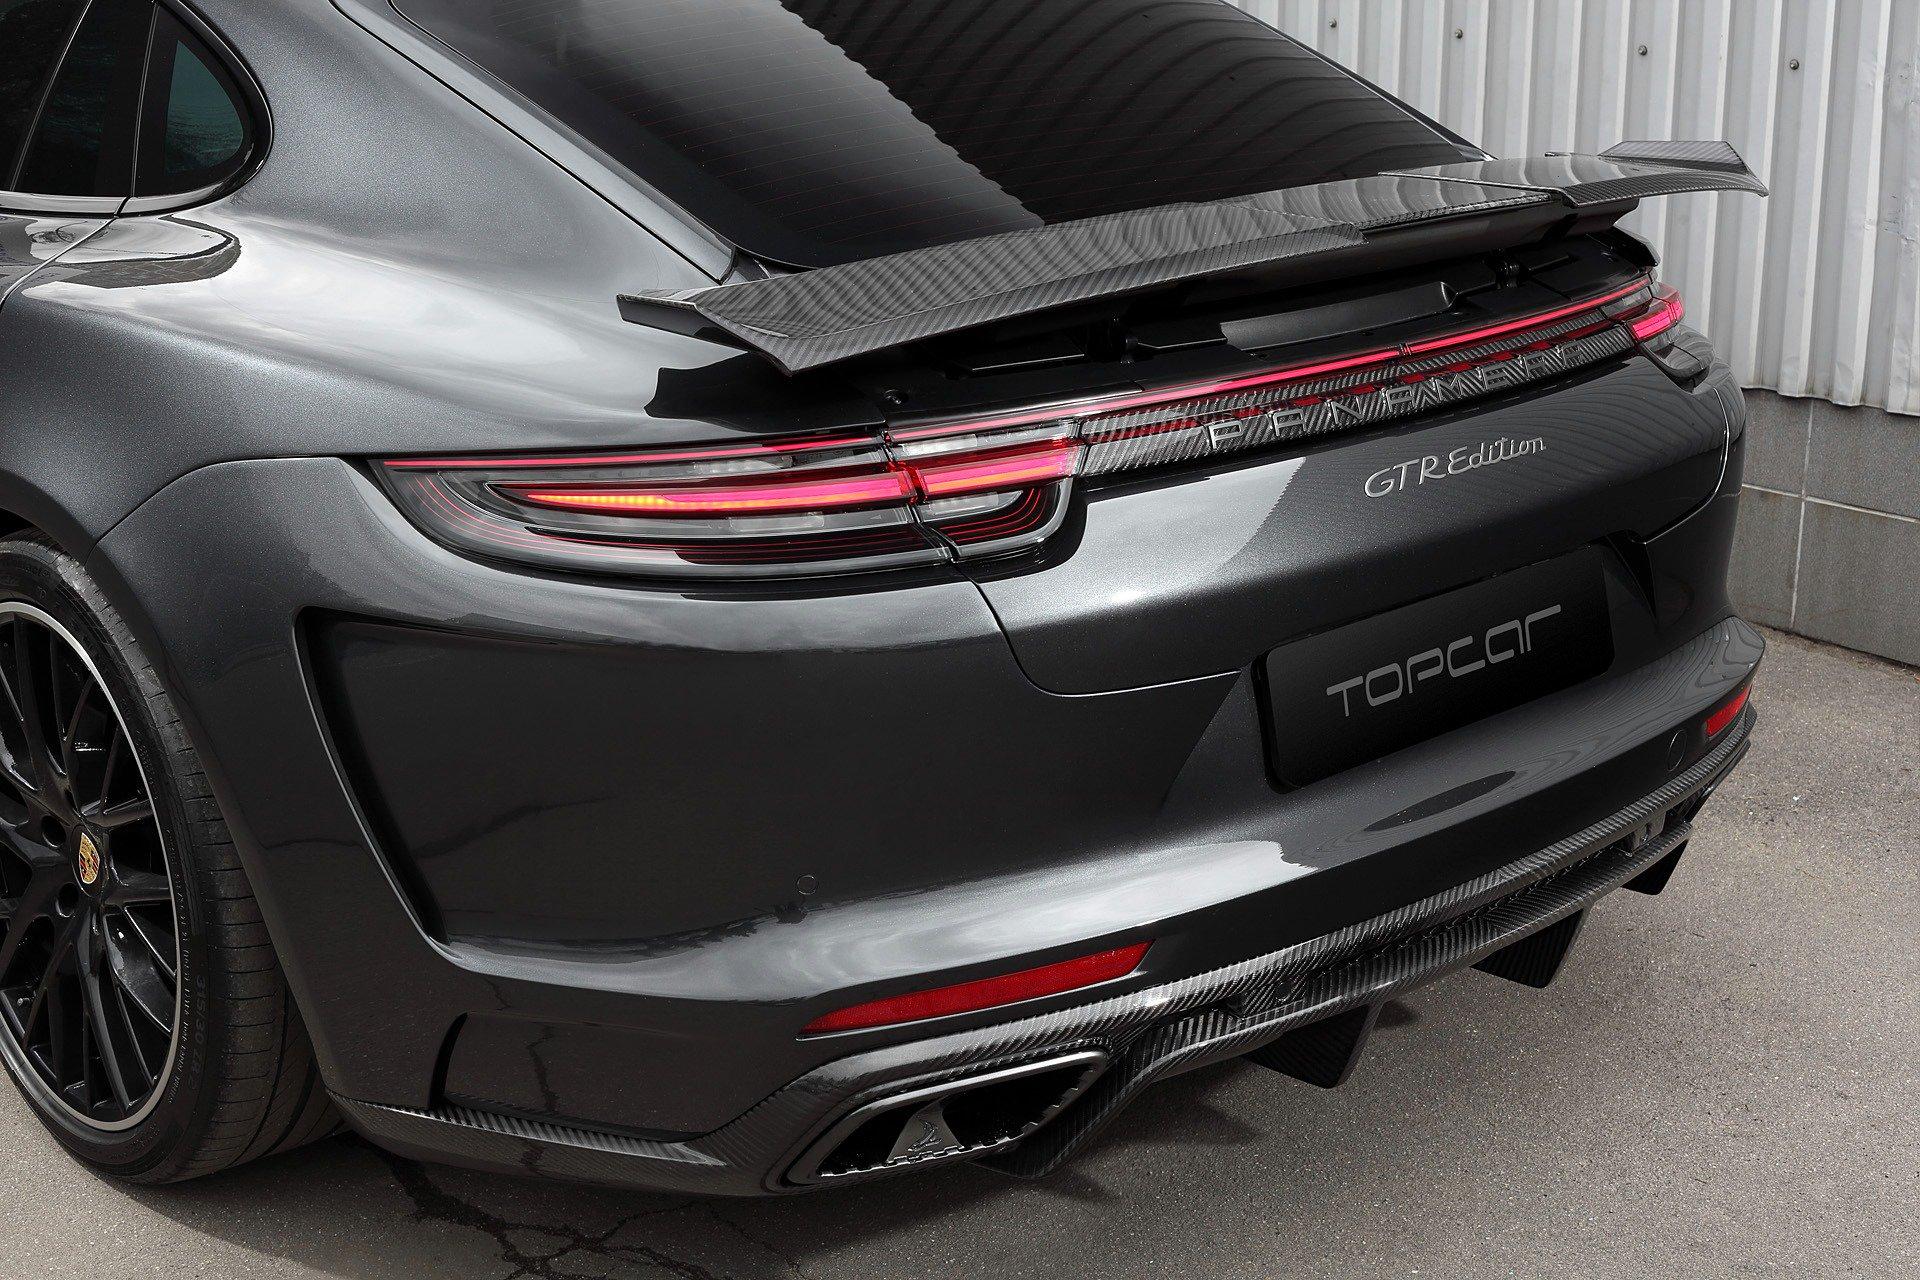 Porsche-Panamera-LWB-by-TopCar-12